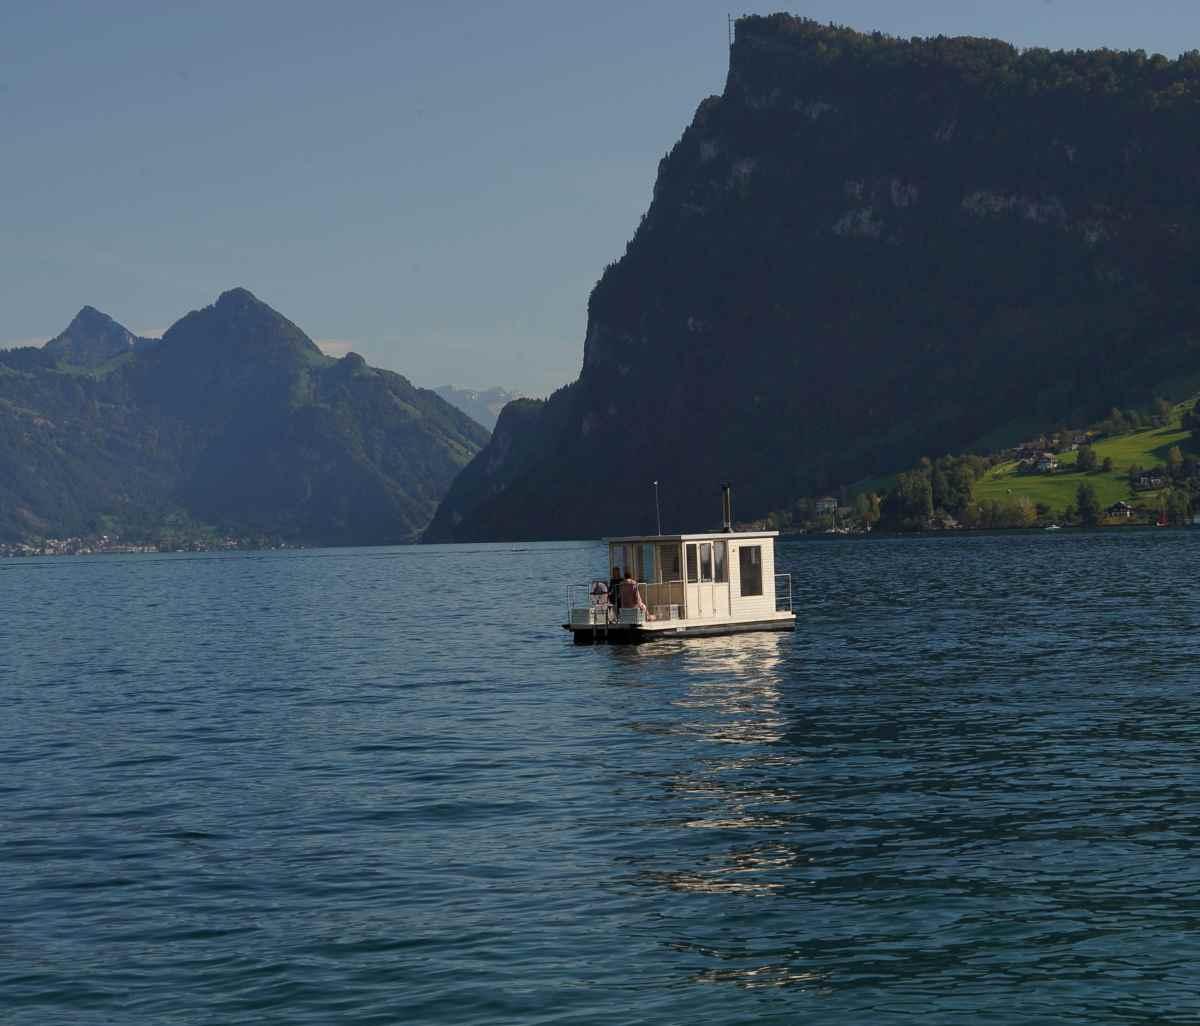 Saunaboot Breakfast - das Sauna Frühstücks Erlebnis in Luzern mitten auf dem Vierwaldstättersee